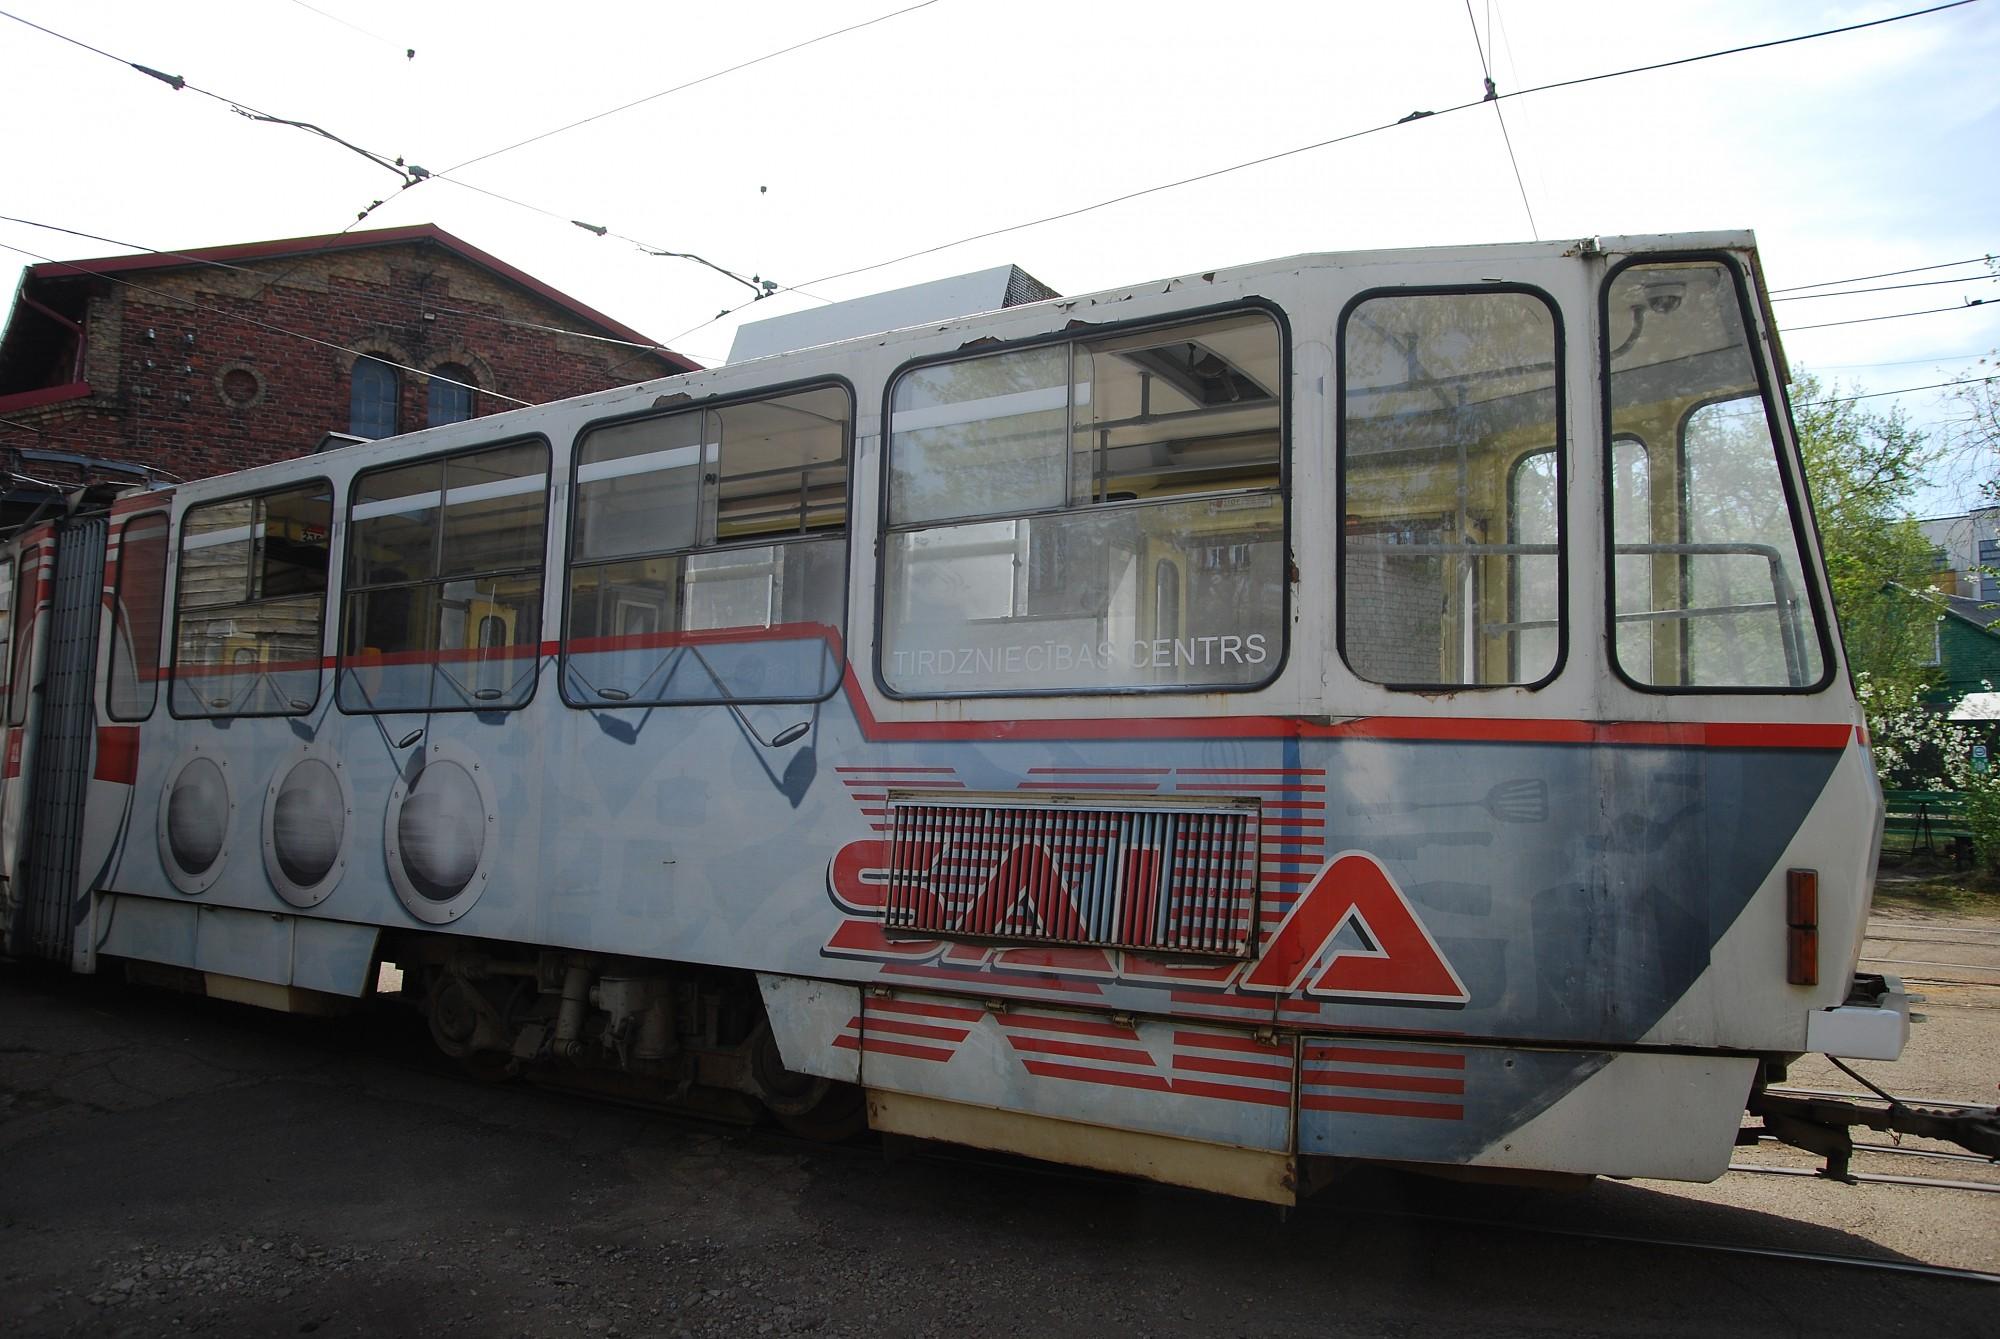 Ķēpātājs apskādē tramvaja vagonu